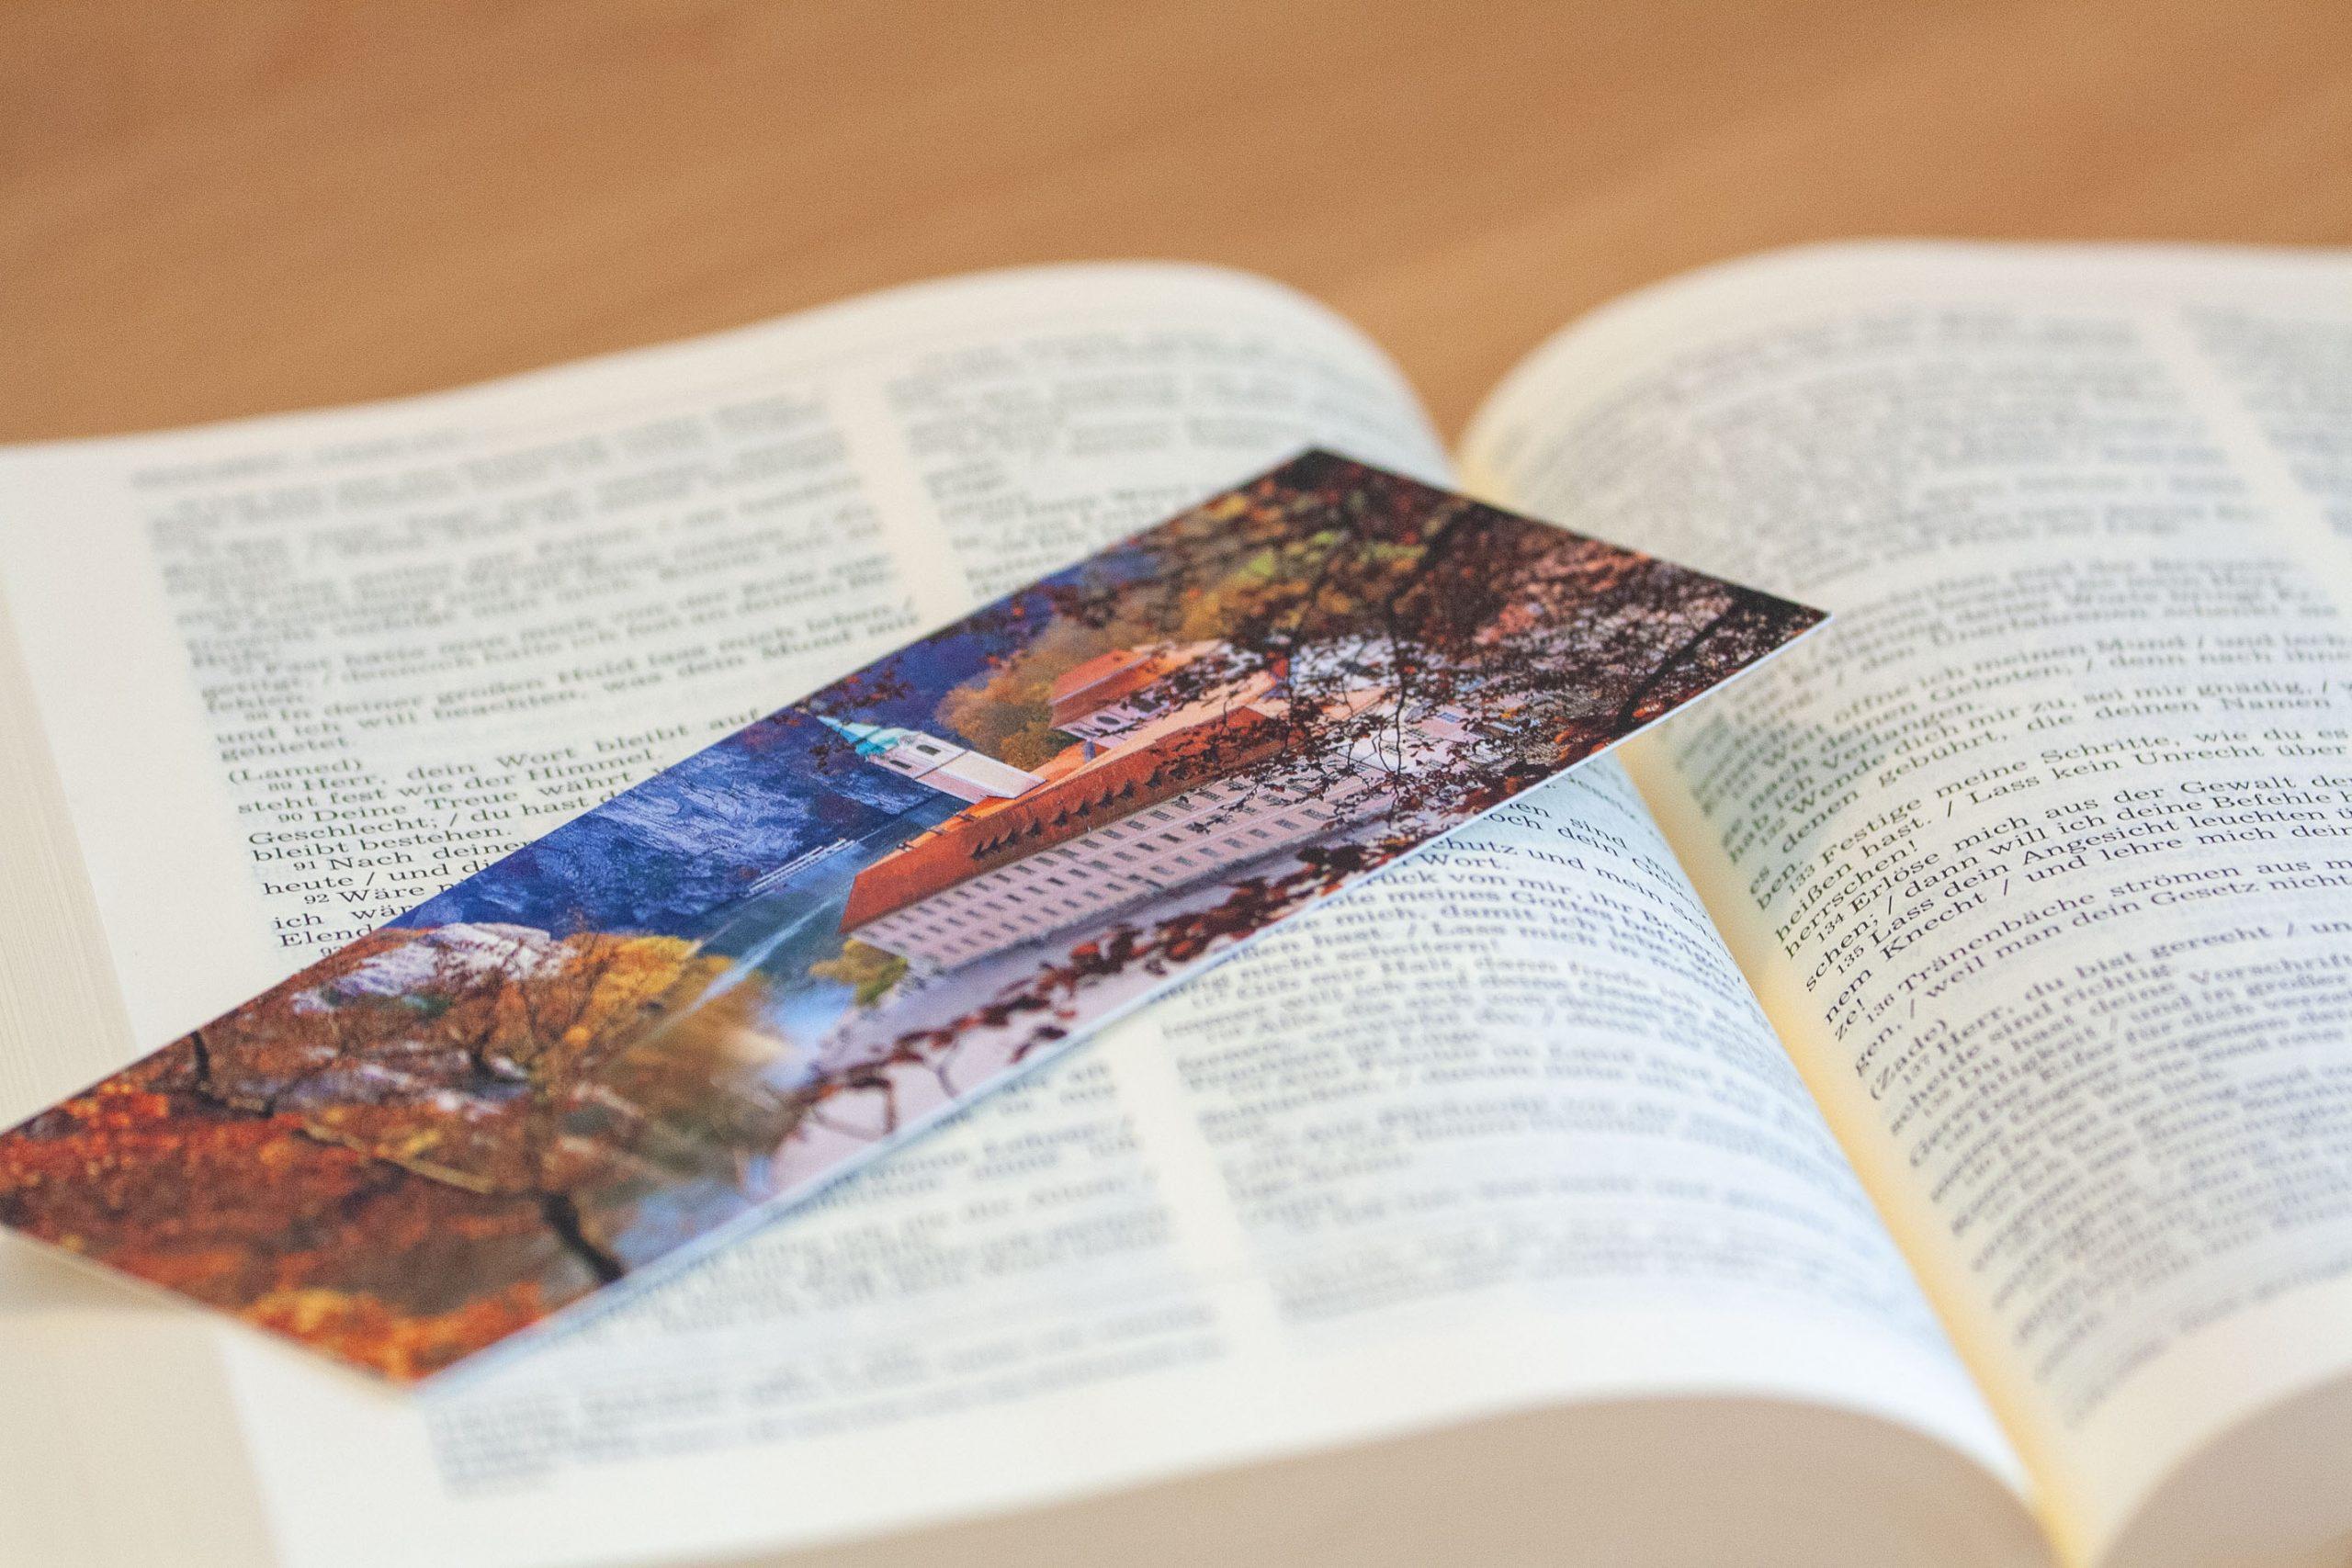 Aufgeschlagene Bibel mit Lesezeichen auf dem das Klsoter Weltenburg im Herbst zu sehen ist